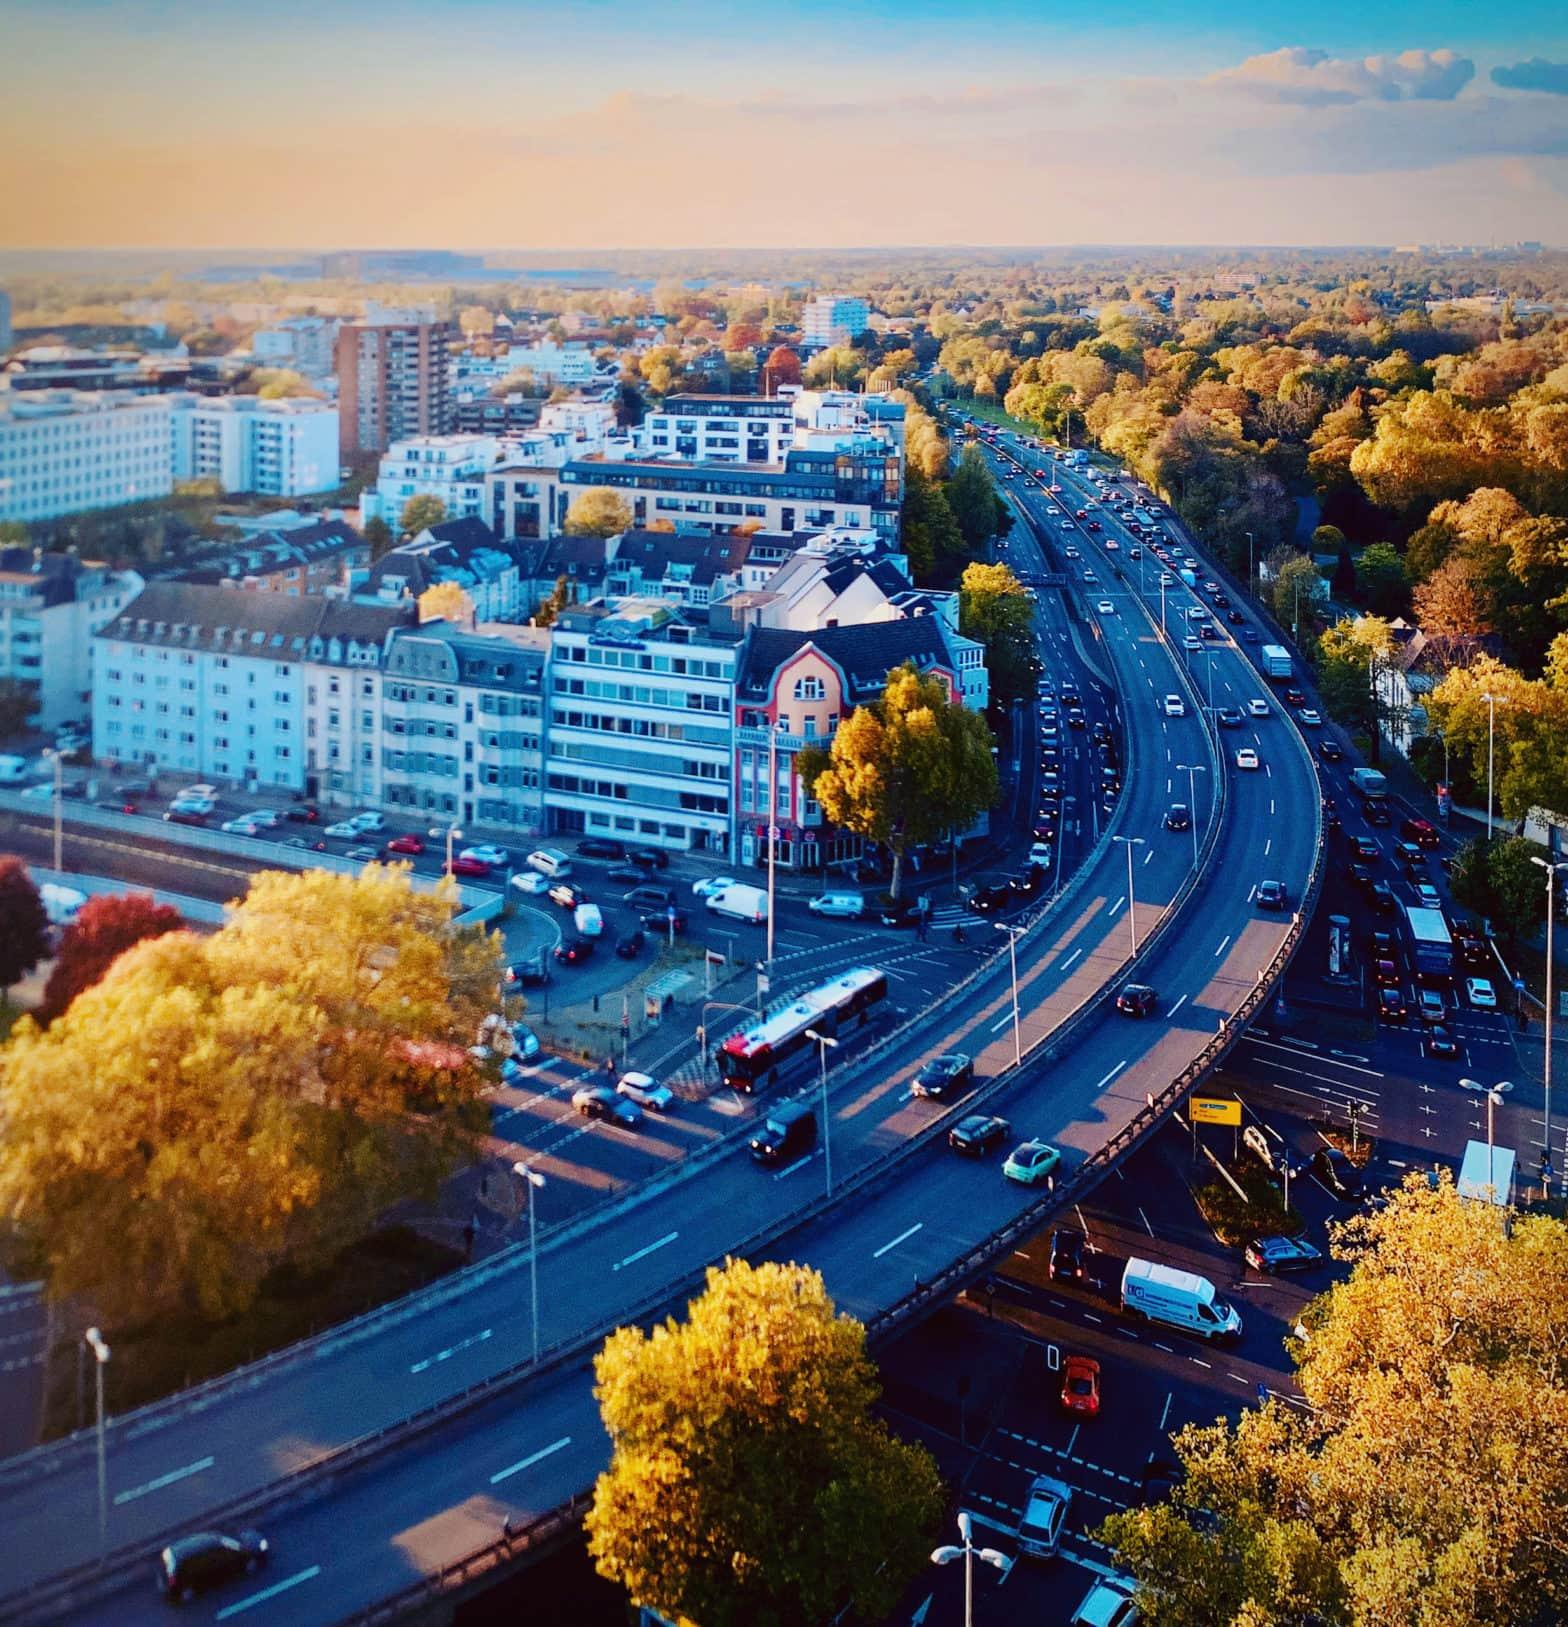 Düsseldorf von oben gesehen